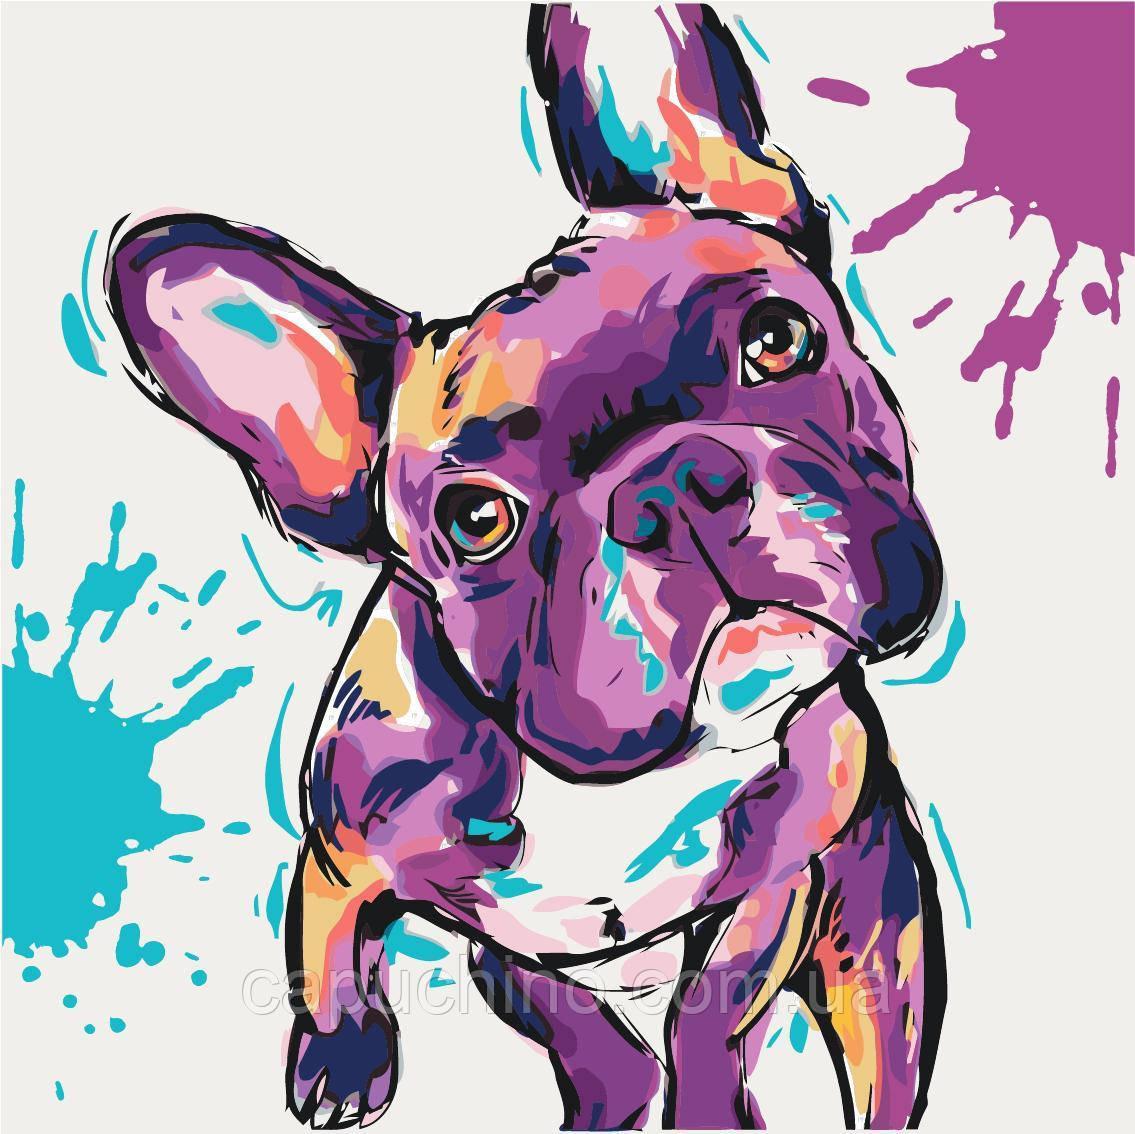 Картина рисование по номерам Идейка Забавный бульдог KH4009 40х40 см Коты и собаки набор для росписи краски,